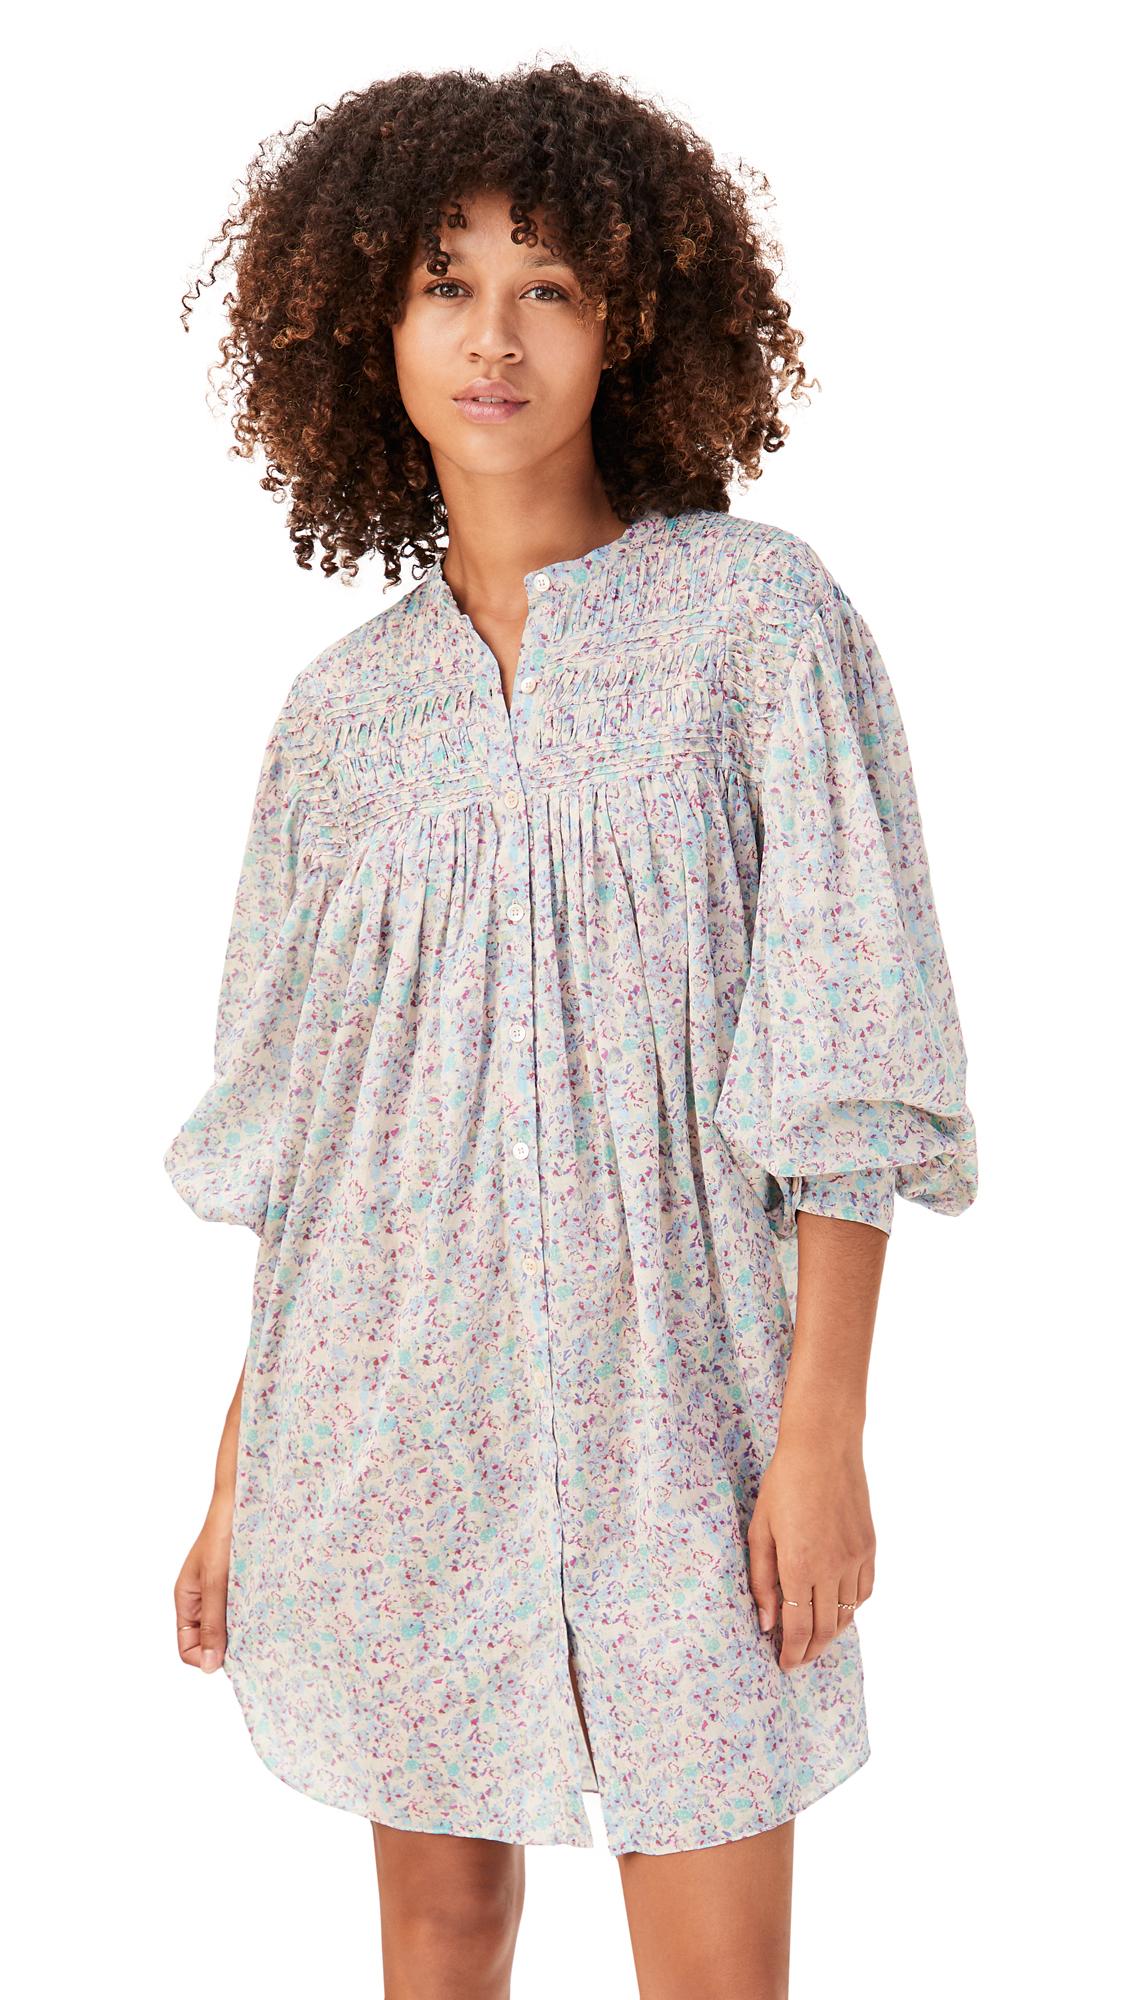 Isabel Marant Etoile Plana Dress